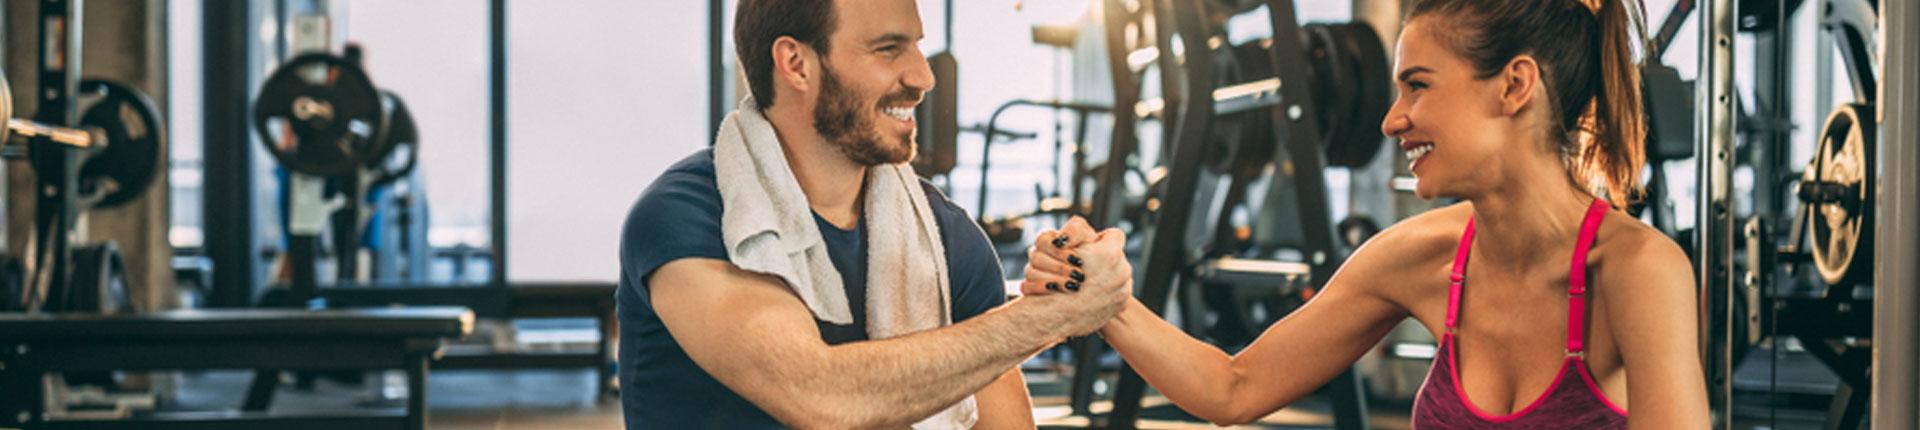 Siedzący tryb pracy z jednym  treningiem, czy dzień na wysokich obrotach, ale bez treningu?